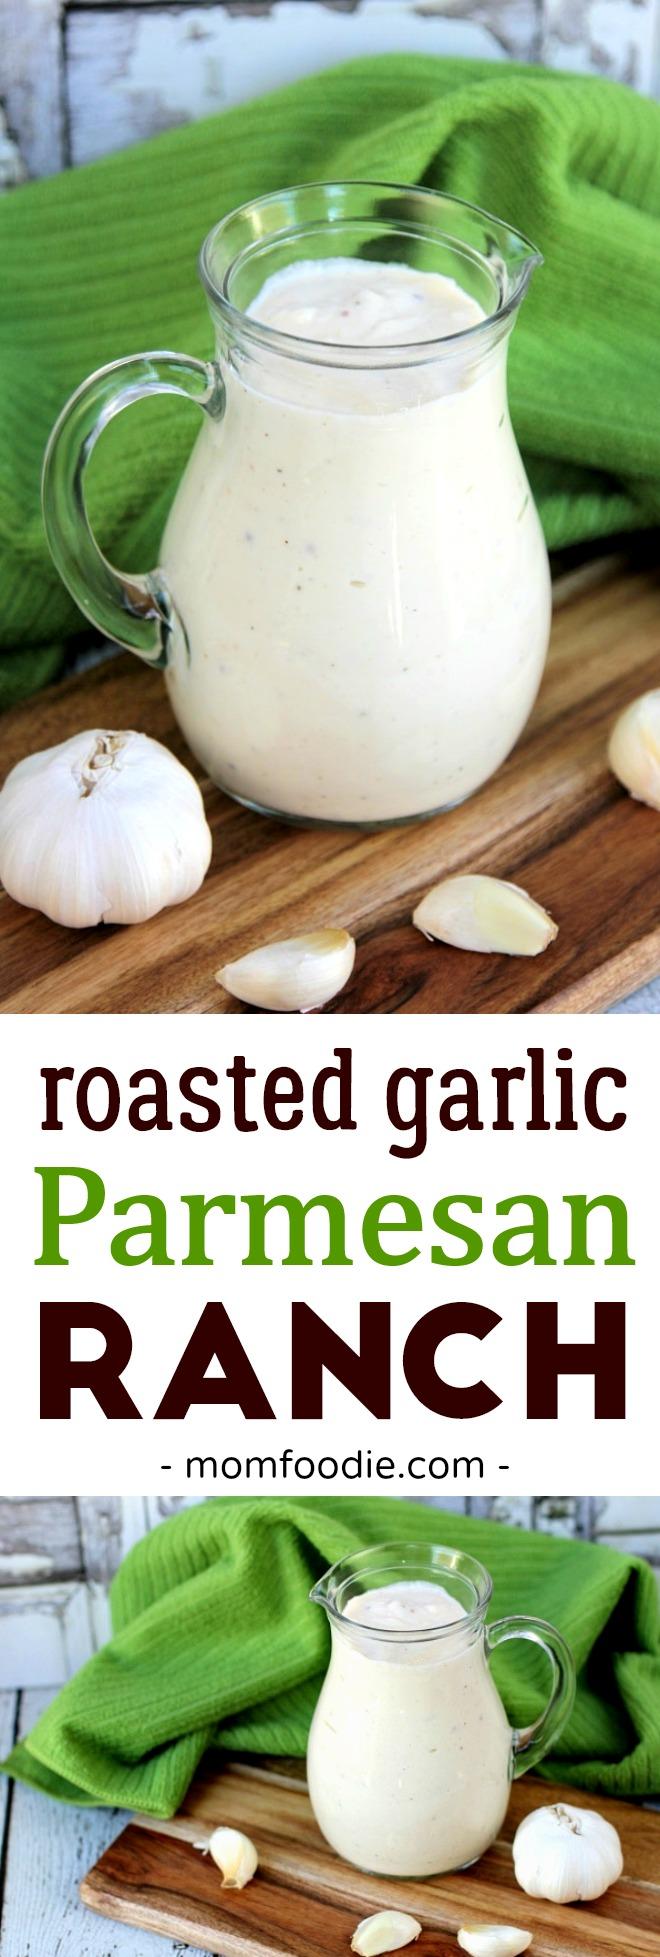 Roasted Garlic Parmesan Ranch Salad Dressing Recipe #ranchdressing #garlic #Parmesan #dressing #ranch